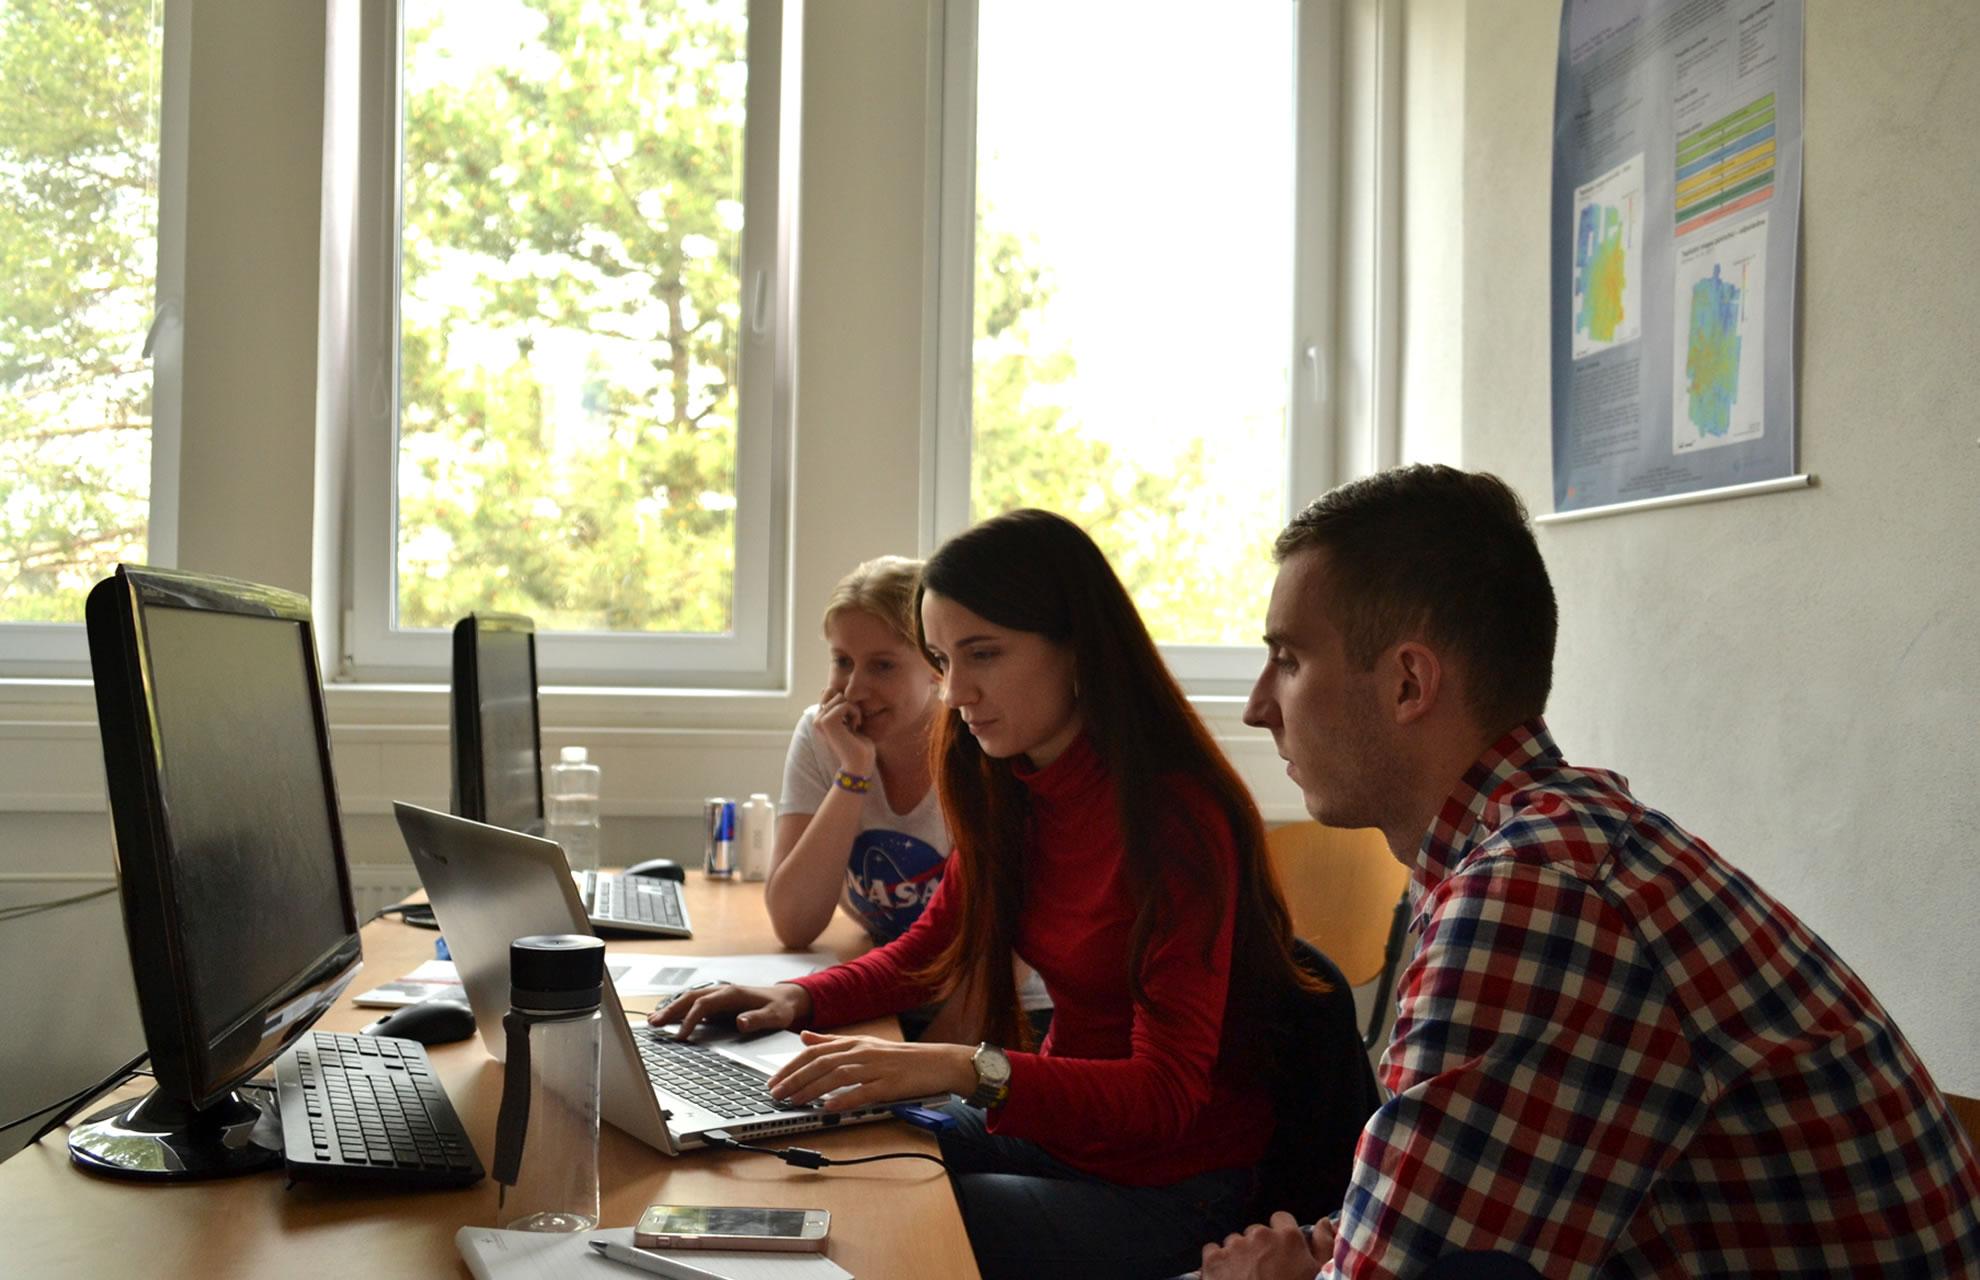 Tým Dříči (zleva Lenka Trnová, Kateřina Blažková, Pavel Vyvlečka) / foto Tomáš Pour, katedra geoinformatiky UPOL